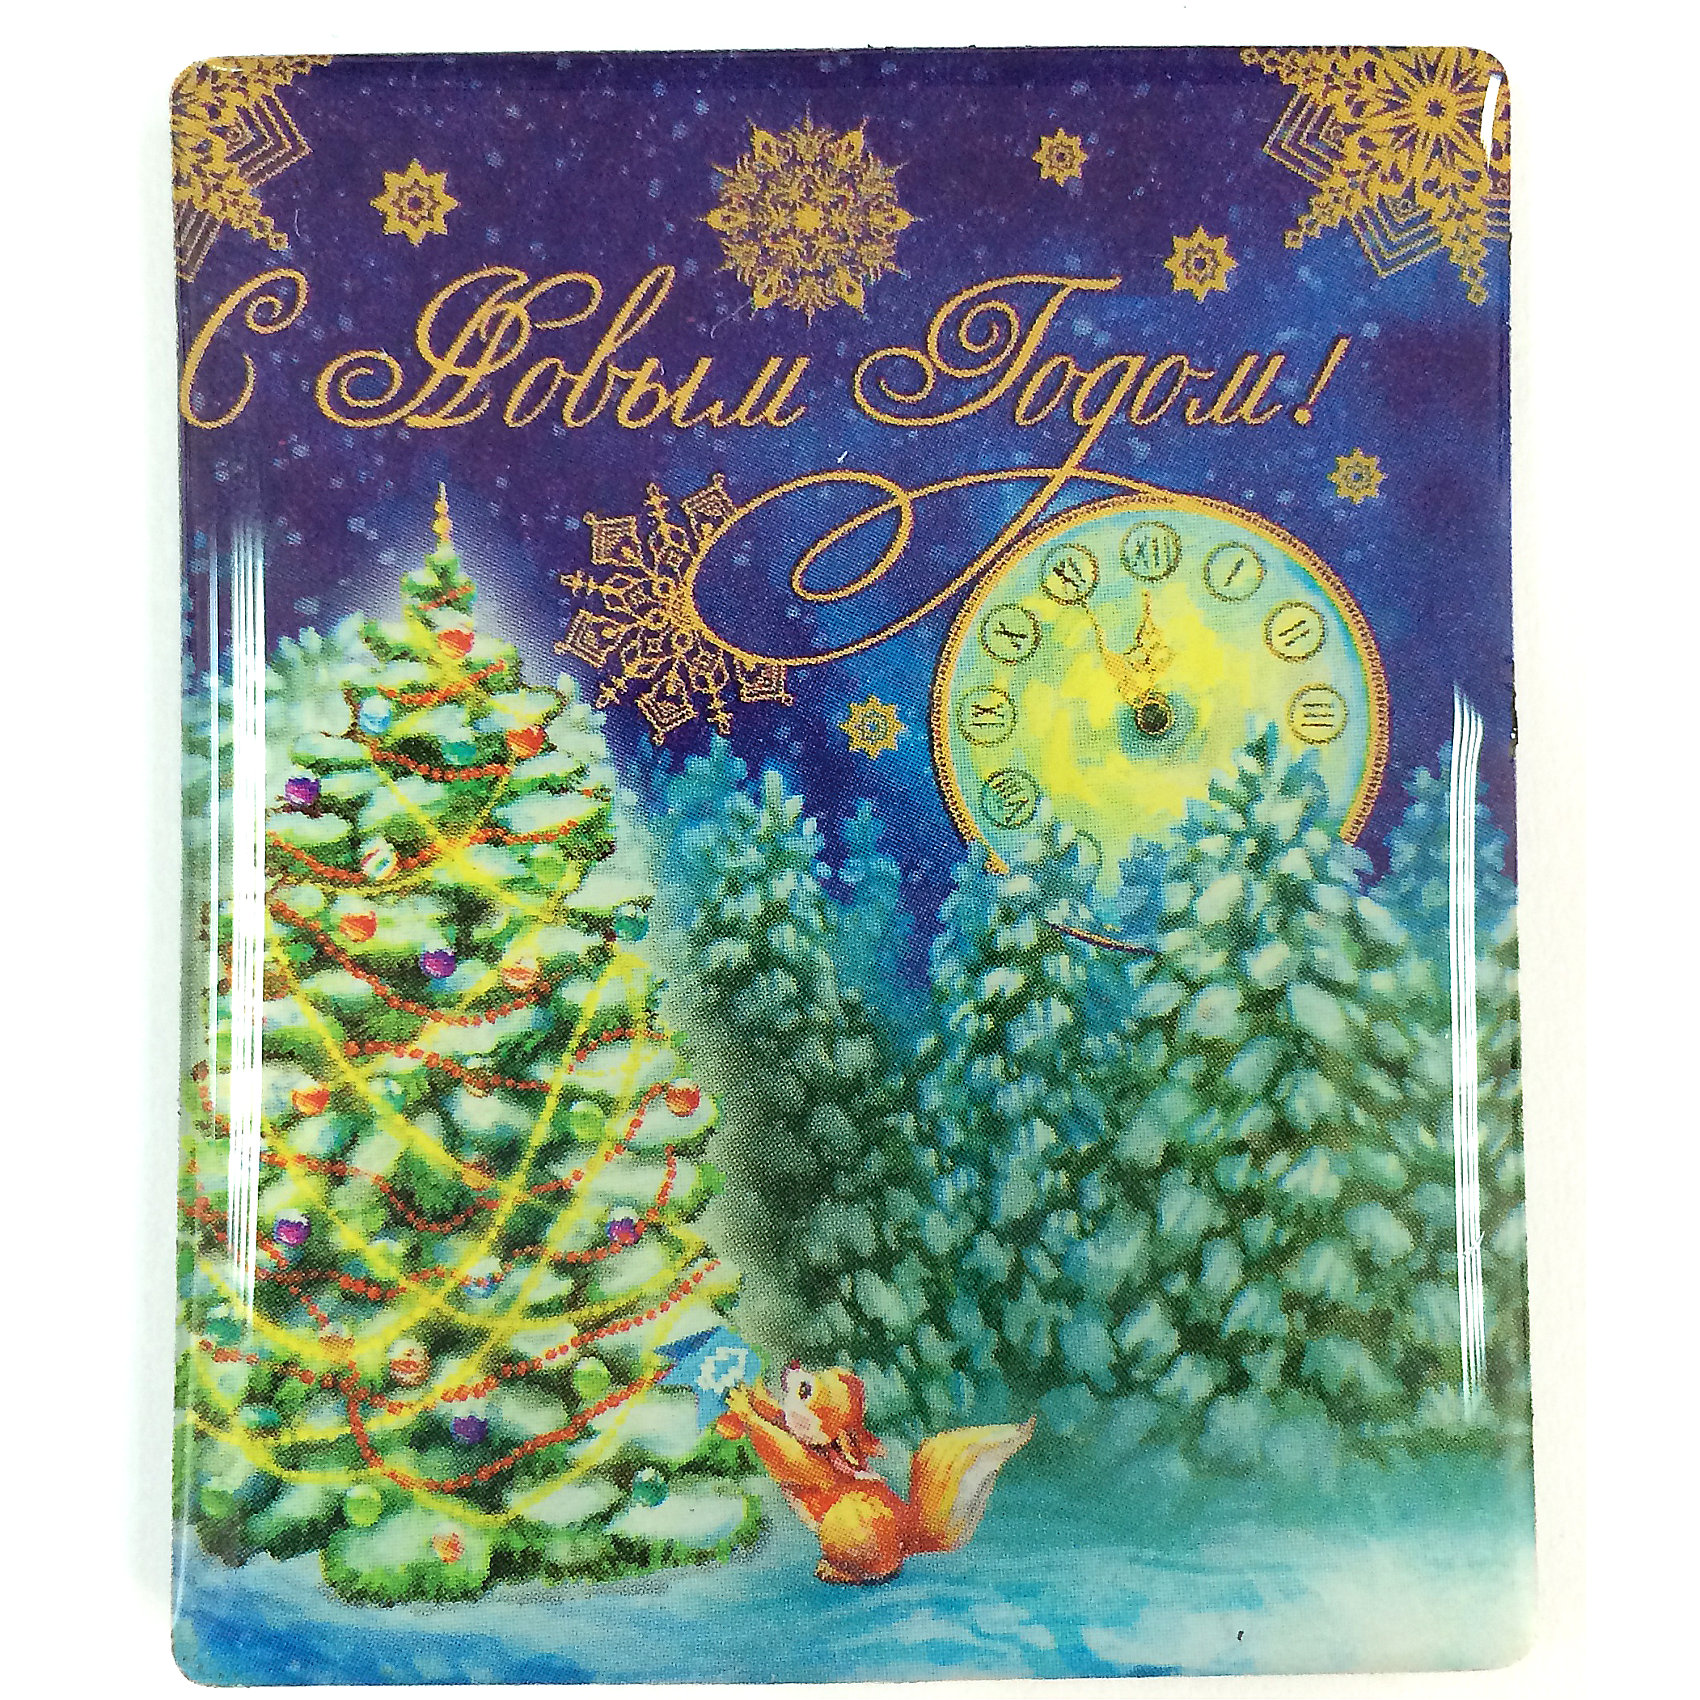 Магнит Белочка в лесуНовинки Новый Год<br>Магнит Белочка в лесу, Феникс-Презент, добавит праздничности в Ваш новогодний интерьер и поднимет настроение. Магнит прямоугольной формы украшен красочным изображением зимнего леса и белочки у новогодней елки. <br><br>Дополнительная информация:<br><br>- Материал магнита: агломерированный феррит.<br>- Размер магнита: 6 х 5 см.<br><br>Магнит Белочка в лесу, Феникс-Презент, можно купить в нашем интернет-магазине.<br><br>Ширина мм: 100<br>Глубина мм: 100<br>Высота мм: 100<br>Вес г: 100<br>Возраст от месяцев: 36<br>Возраст до месяцев: 2147483647<br>Пол: Унисекс<br>Возраст: Детский<br>SKU: 4276540